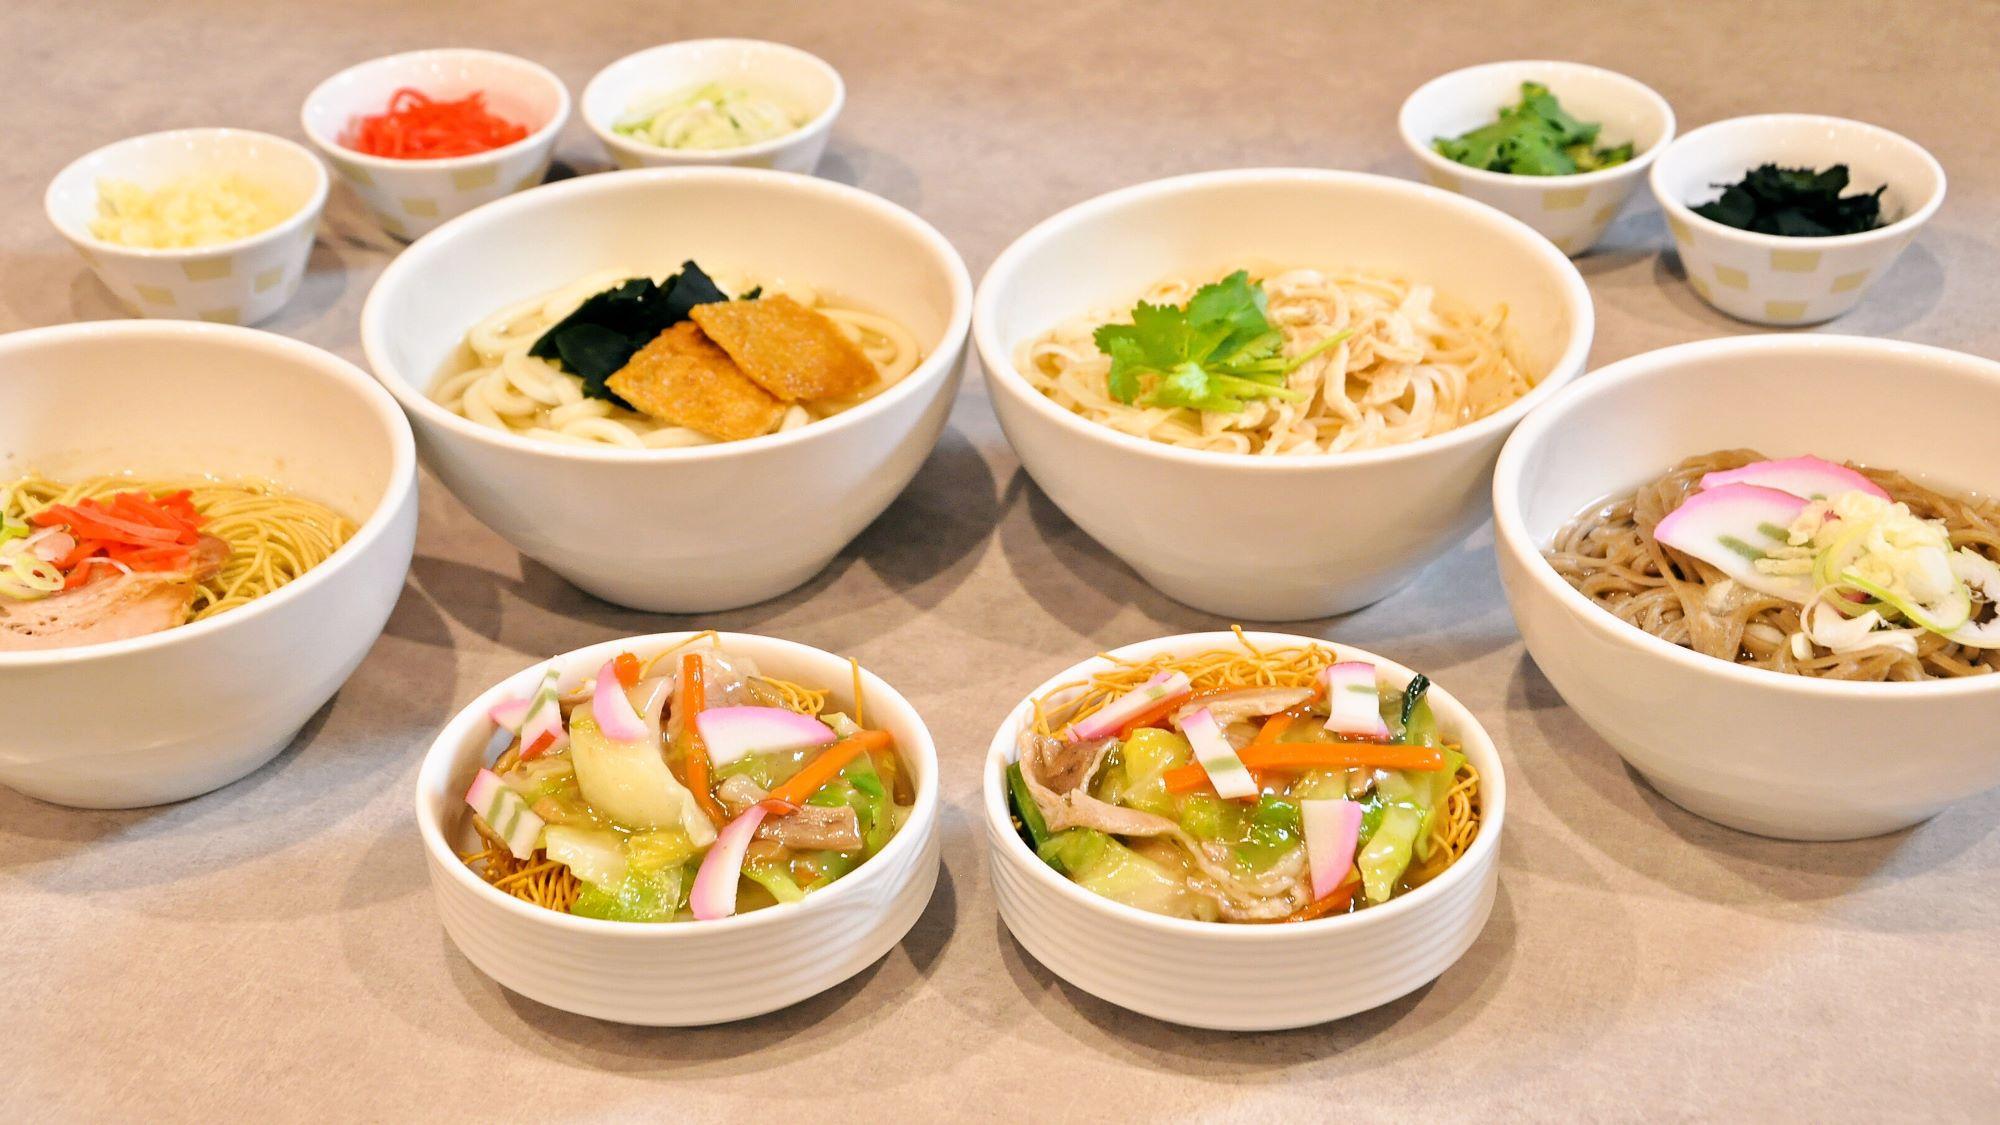 バイキングレストラン「Beppu Bold Kitchen」